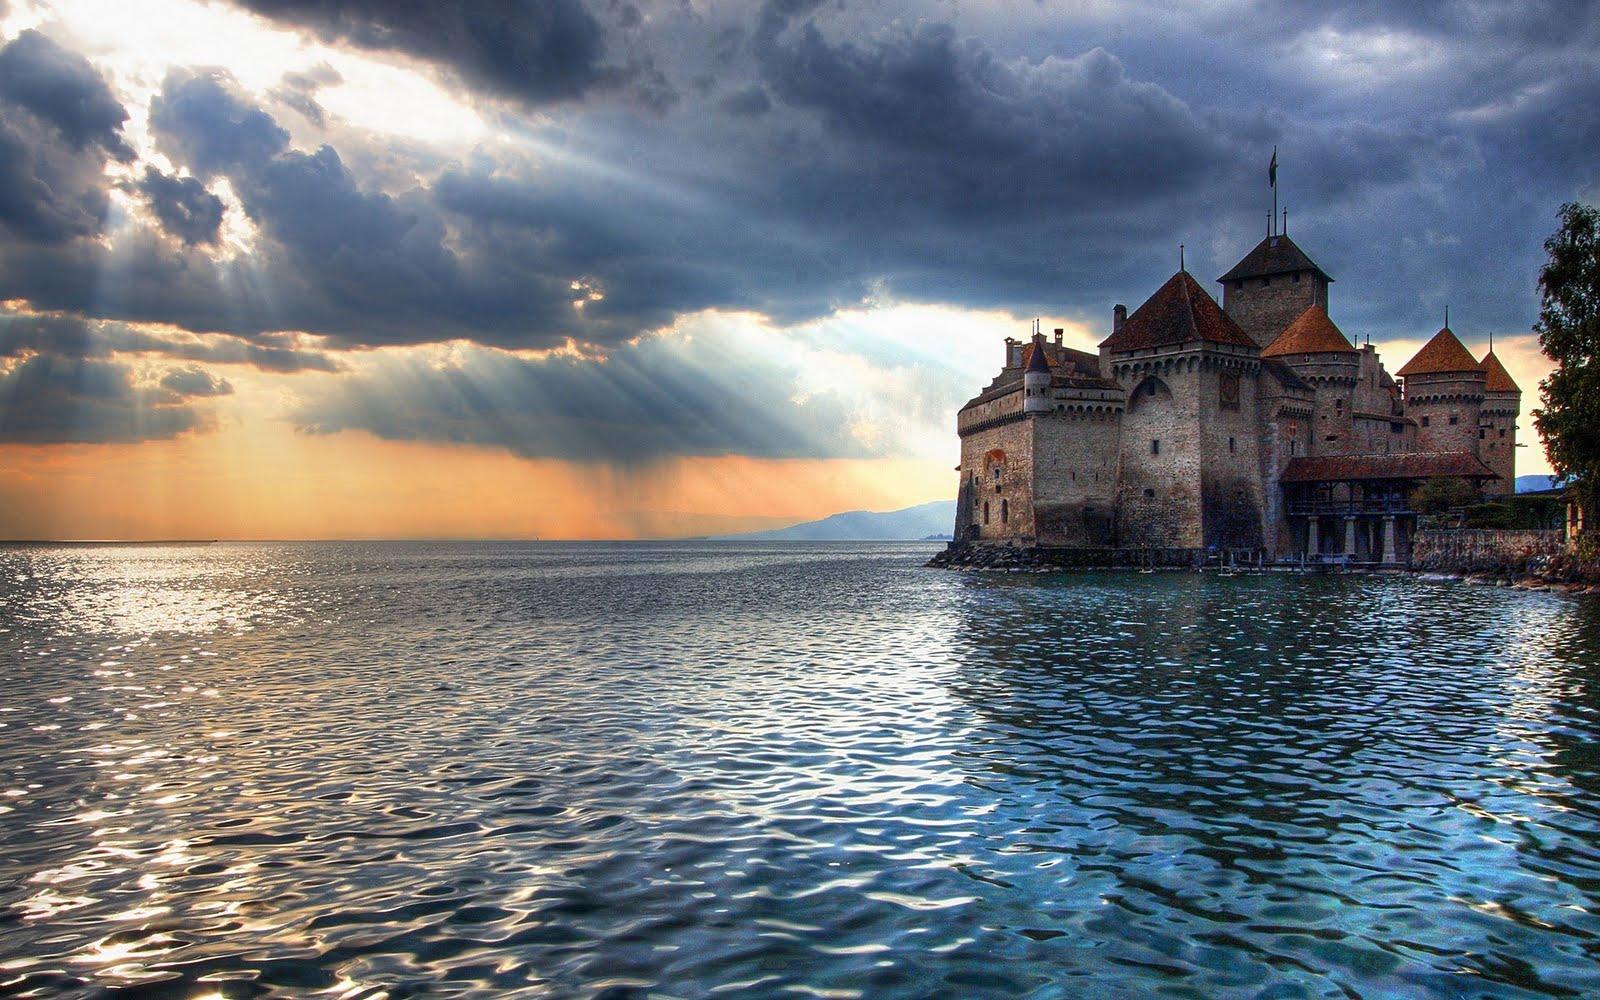 http://1.bp.blogspot.com/-R3CZYjDydJQ/TyMTEudI5nI/AAAAAAAADeU/Xm16tG-ugLc/s1600/Best-top-desktop-castle-wallpapers-hd-castle-wallpaper-beautiful-picture-3.jpg